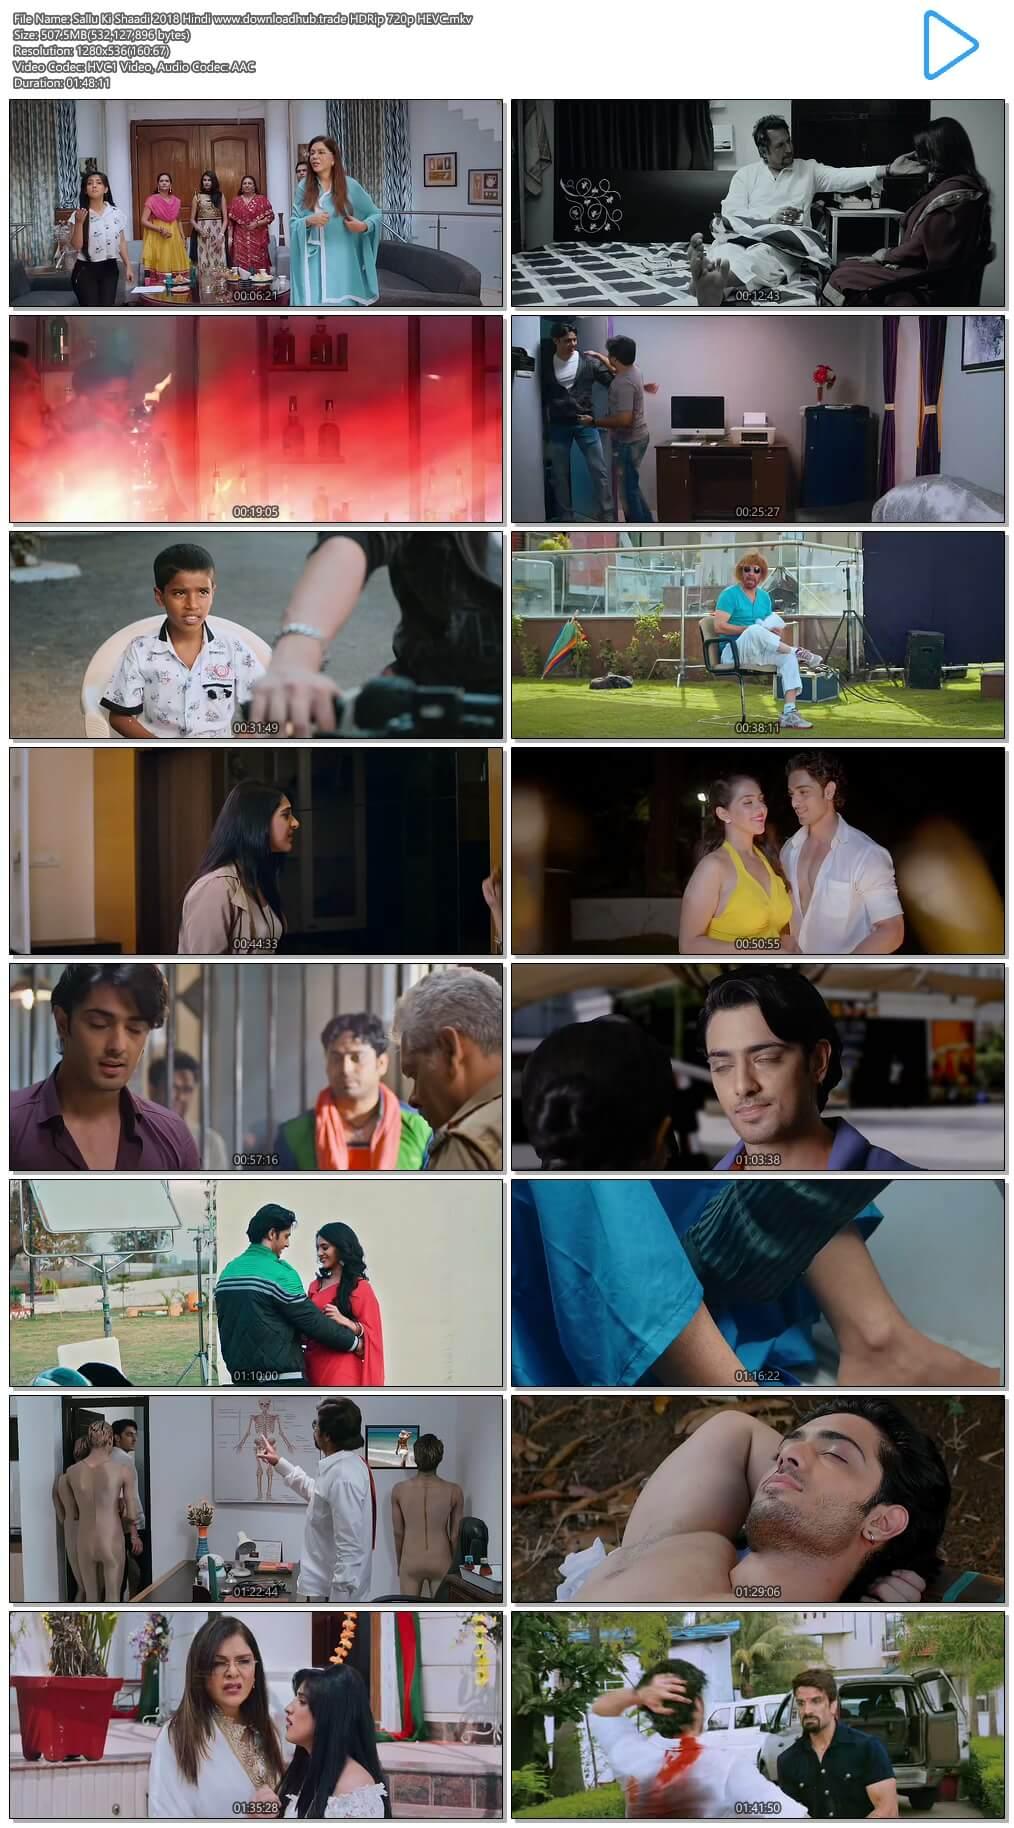 Sallu Ki Shaadi 2018 Hindi 500MB HDRip 720p HEVC